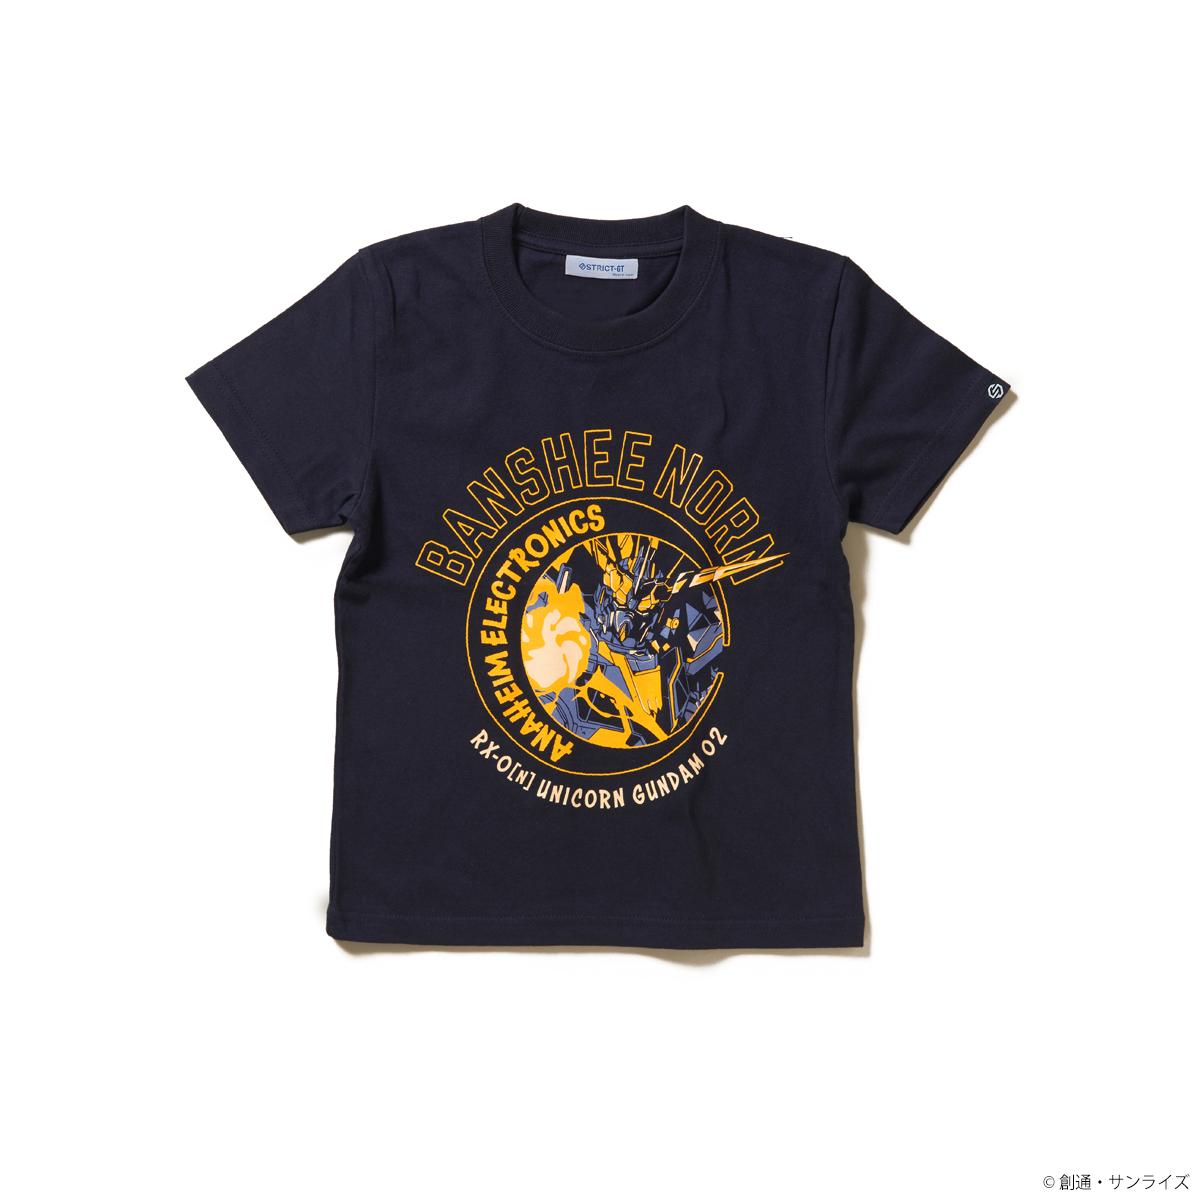 『機動戦士ガンダムUC』キッズTシャツ バンシィ・ノルン柄